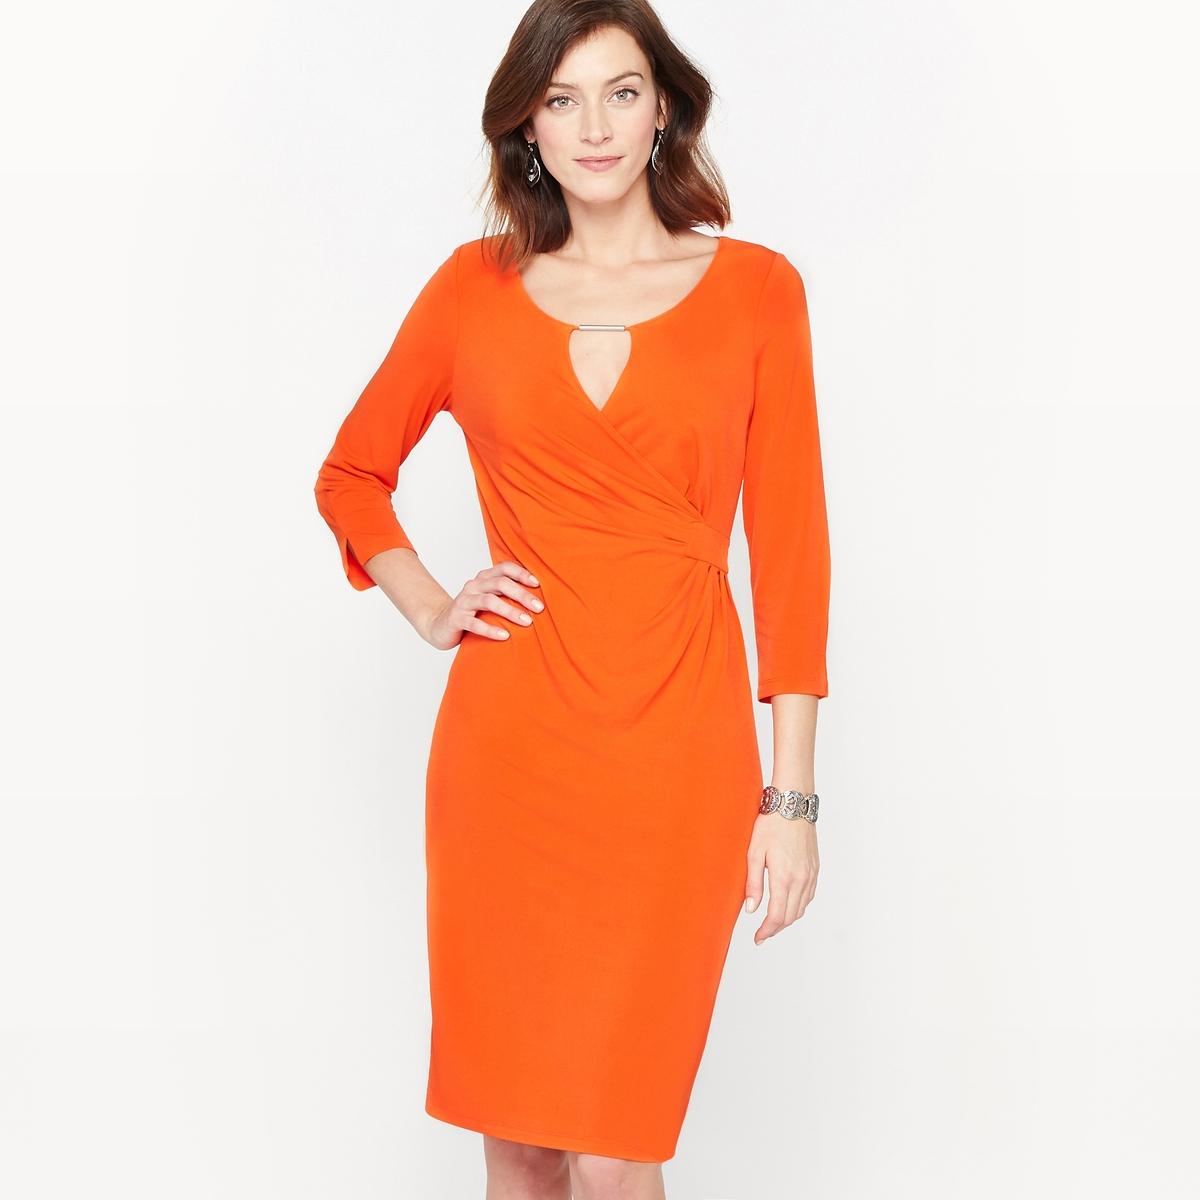 Платье из красивого крепаУльтра женственное платье. Выбор наших клиентов. Красивый струящийся и немнущийся креп. Круглый вырез с ложной драпированной накладкой с украшением золотистого цвета. Рукава 3/4 с небольшими разрезами по краям. Состав и описание :Материал : Красивый креп,95% полиэстера, 5% эластана.Подкладка : Верх основной части 100% полиэстер.Длина 95 см.Марка : Anne WeyburnУход :Машинная стирка при 30 °С в умеренном режиме.Гладить при низкой температуре.<br><br>Цвет: оранжевый<br>Размер: 48 (FR) - 54 (RUS).38 (FR) - 44 (RUS).50 (FR) - 56 (RUS)